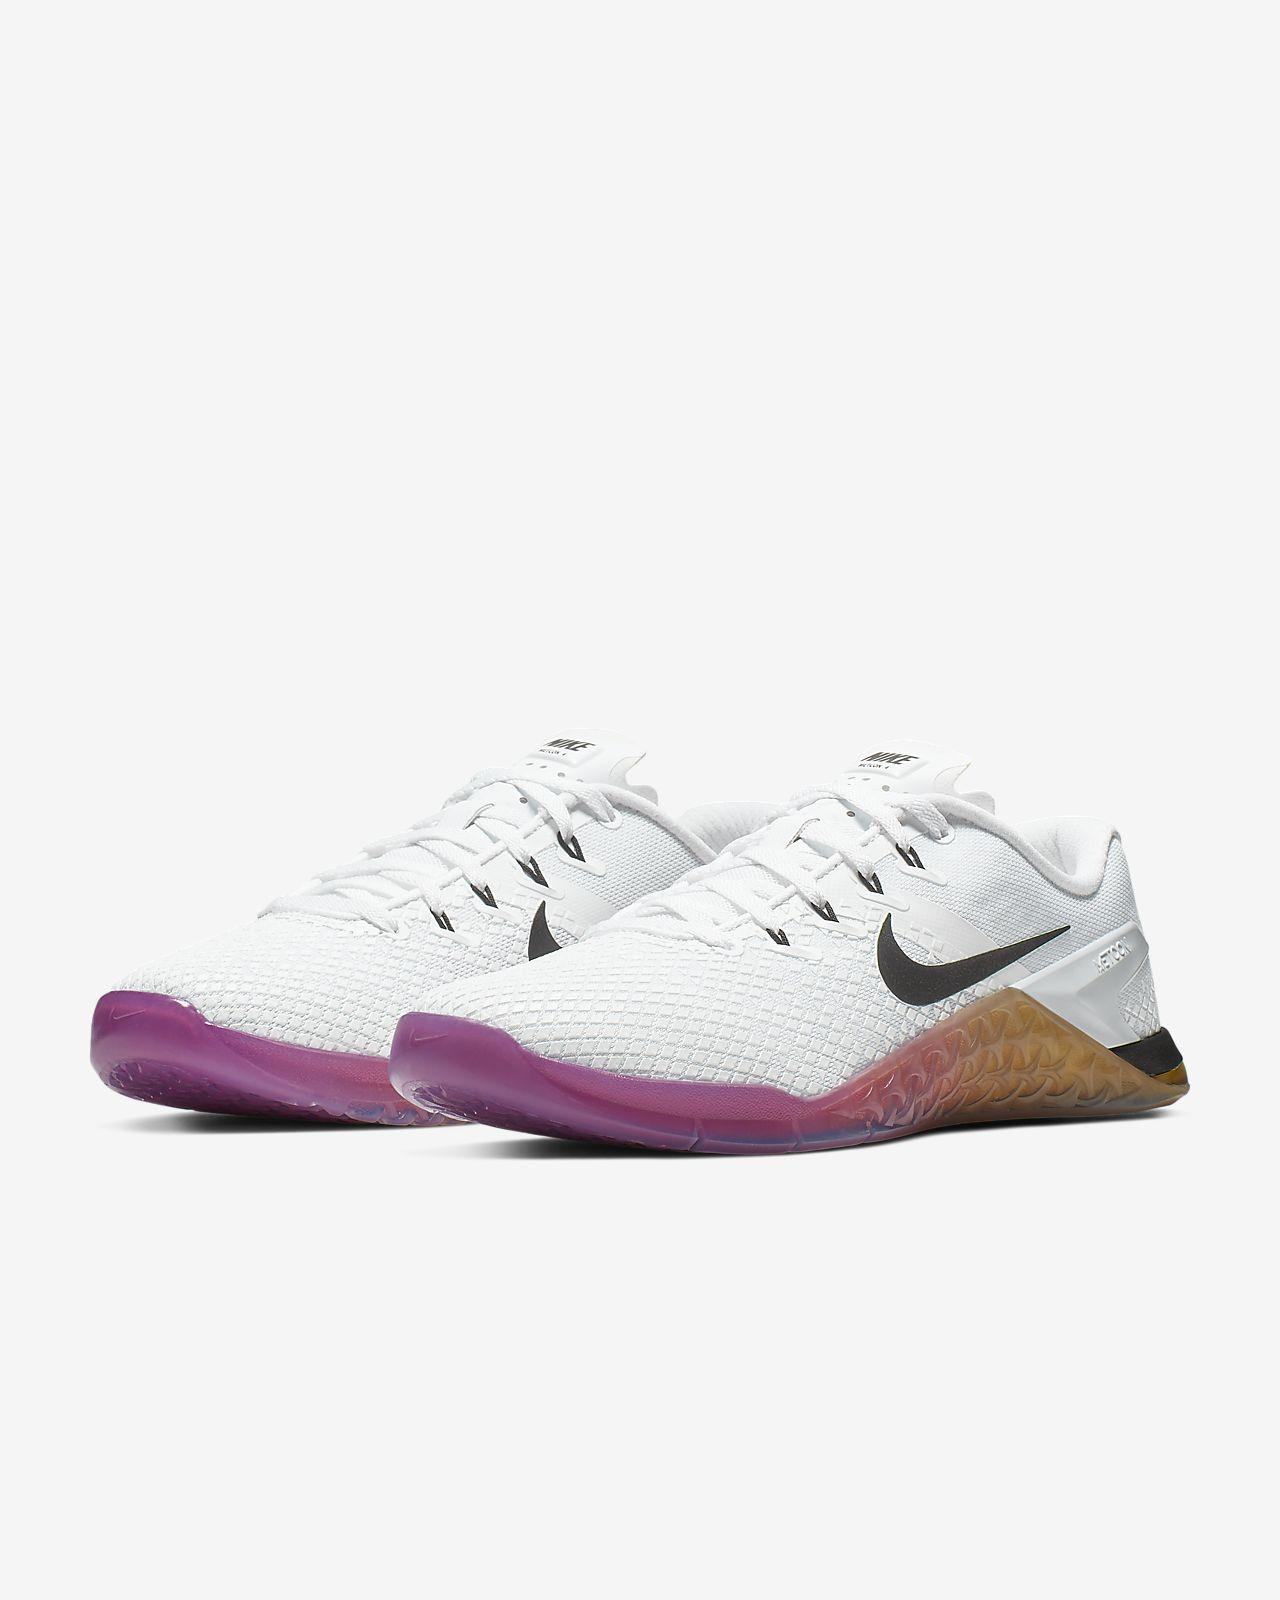 e1eb2fe2ba57 Nike Metcon 4 XD Women s Cross-Training Weightlifting Shoe. Nike.com CA